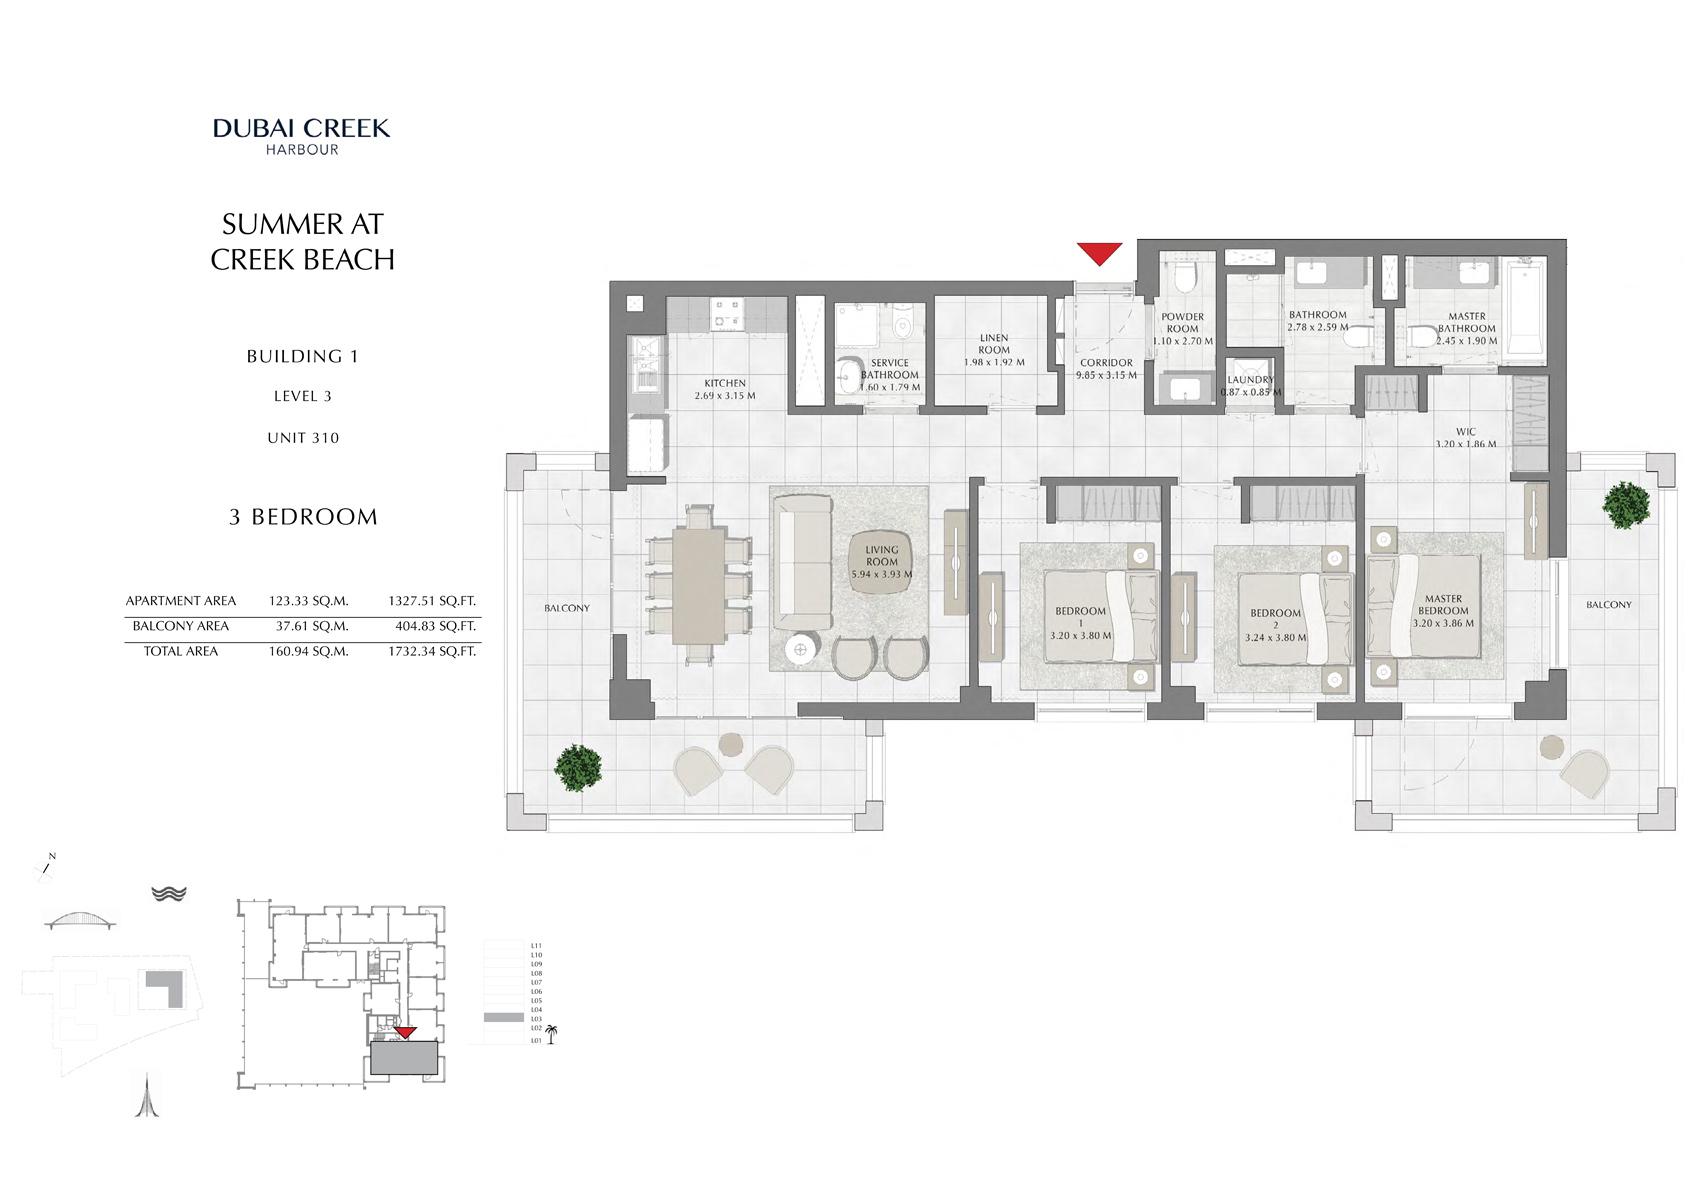 3 Br Building 1 Level 3 Unit 310, Size 1732 Sq Ft